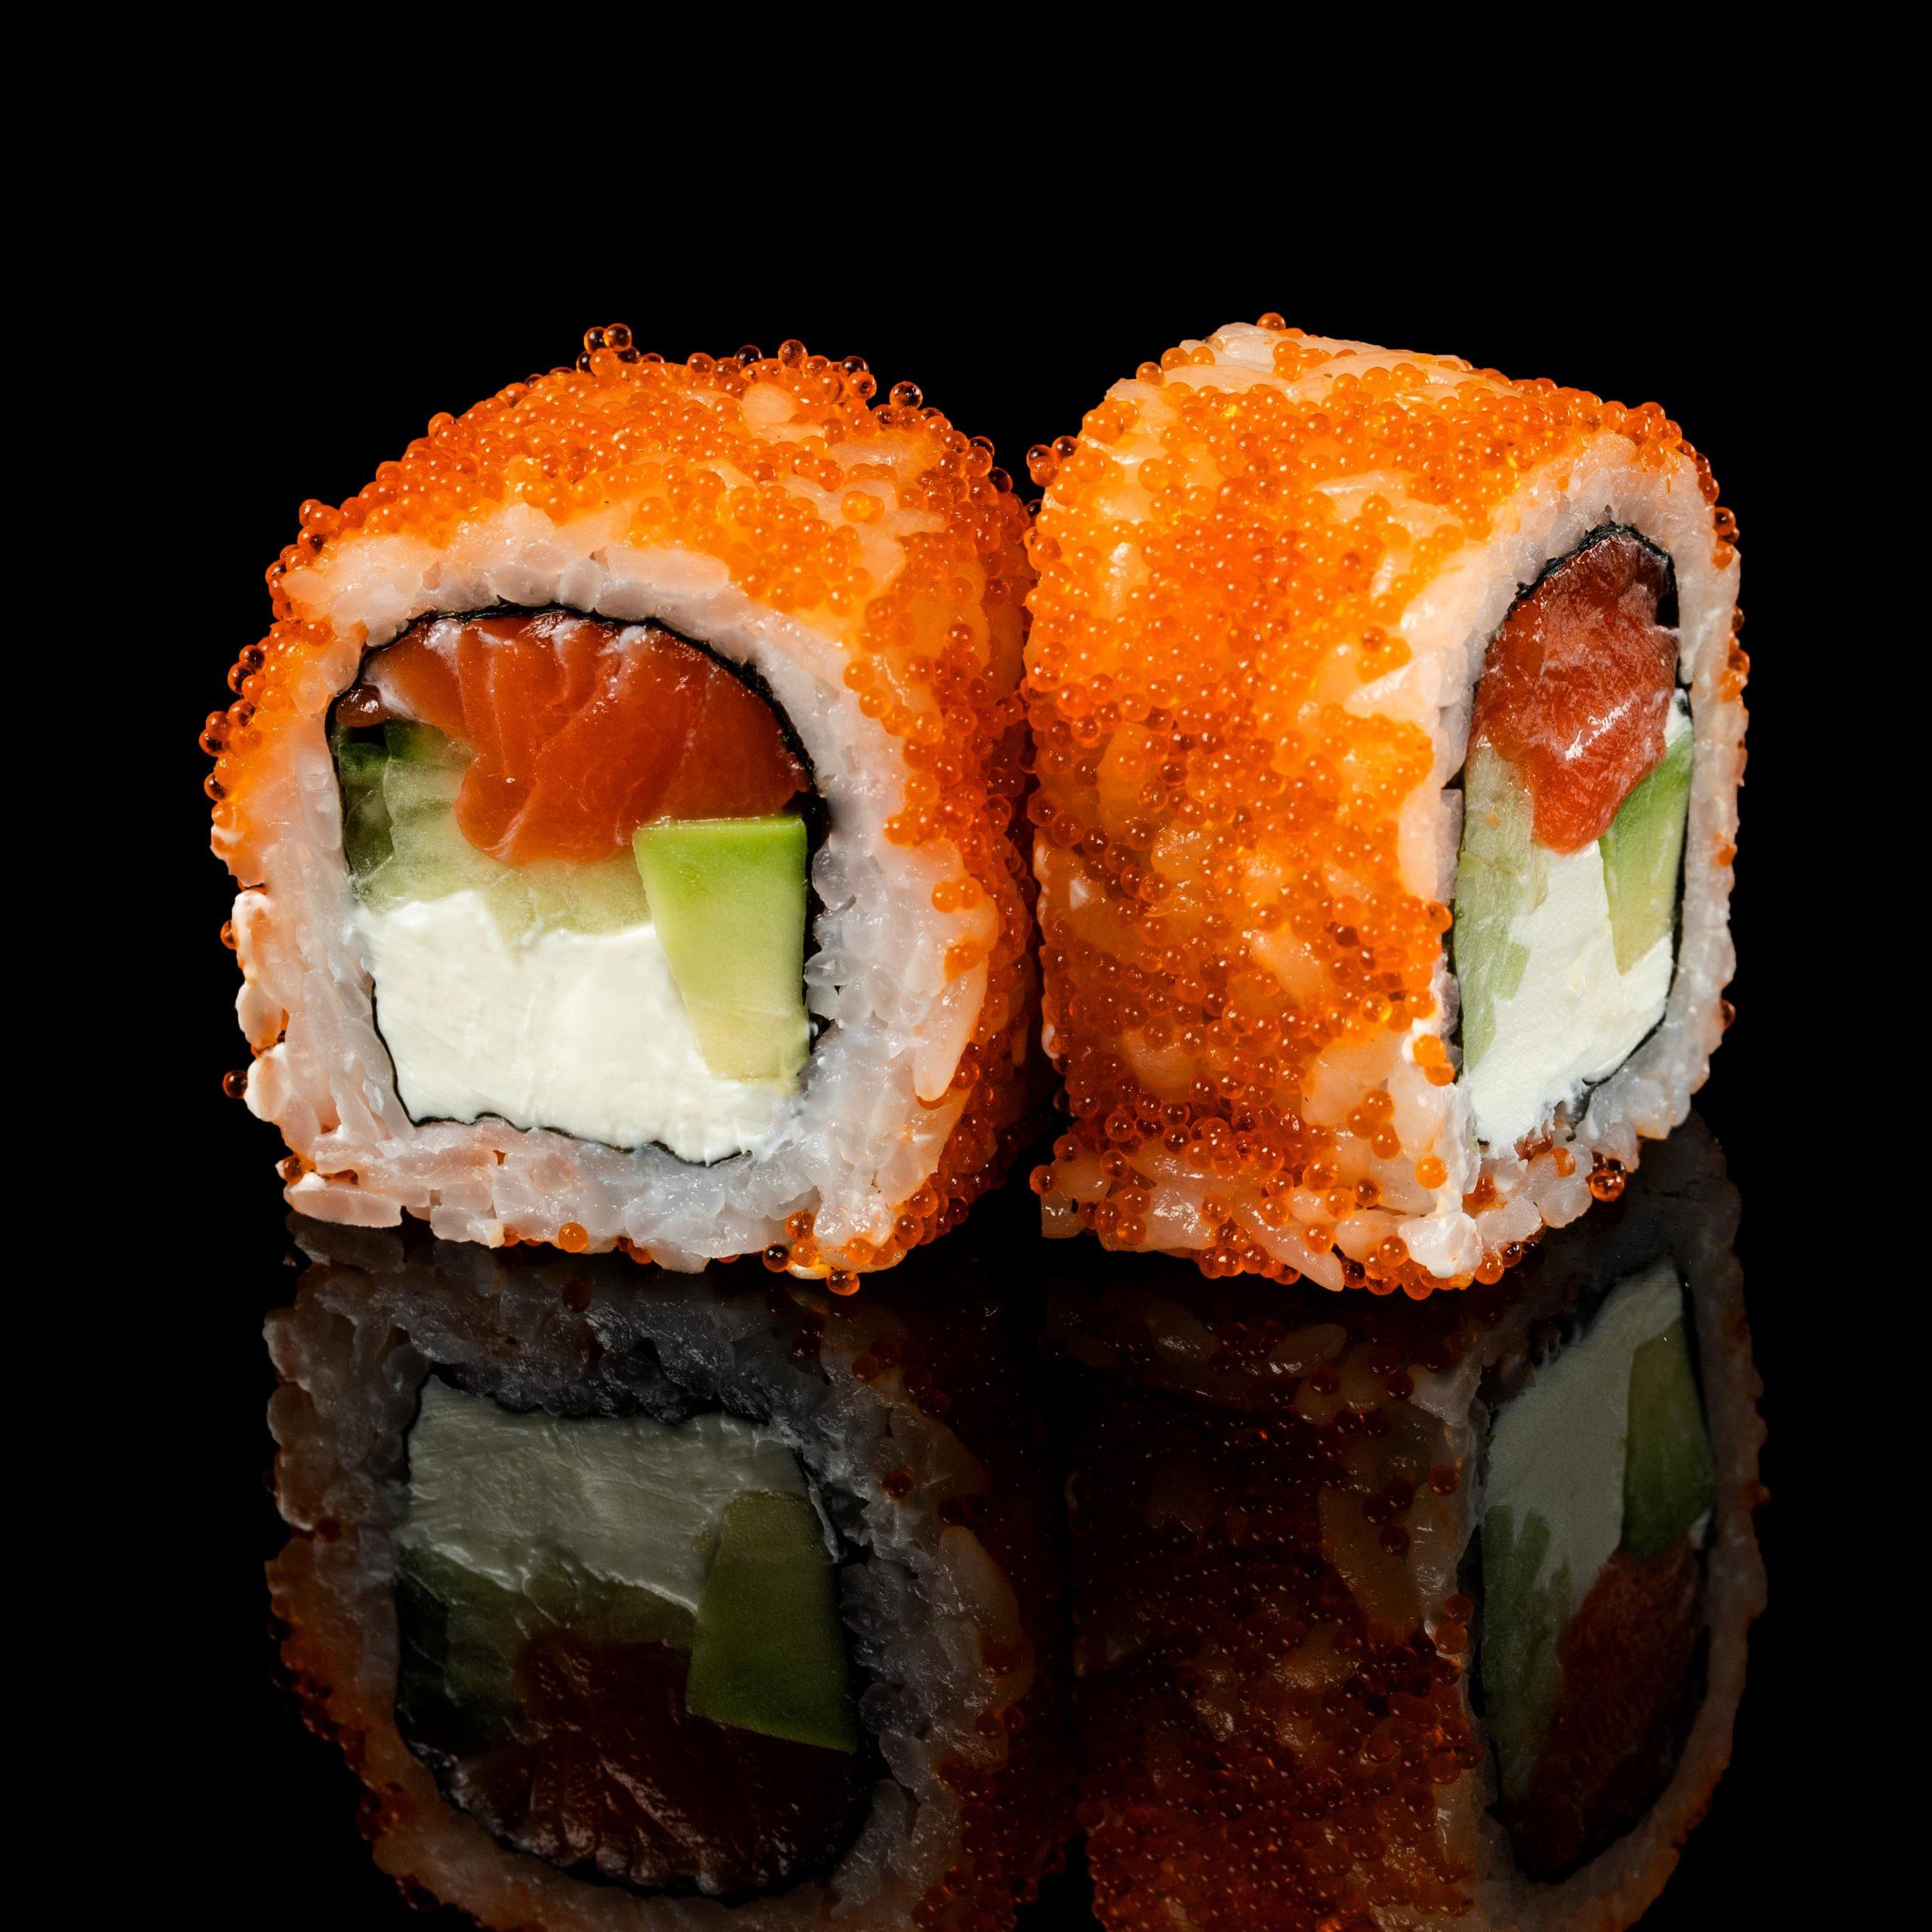 Image / Кімурі з лососем даблфіш